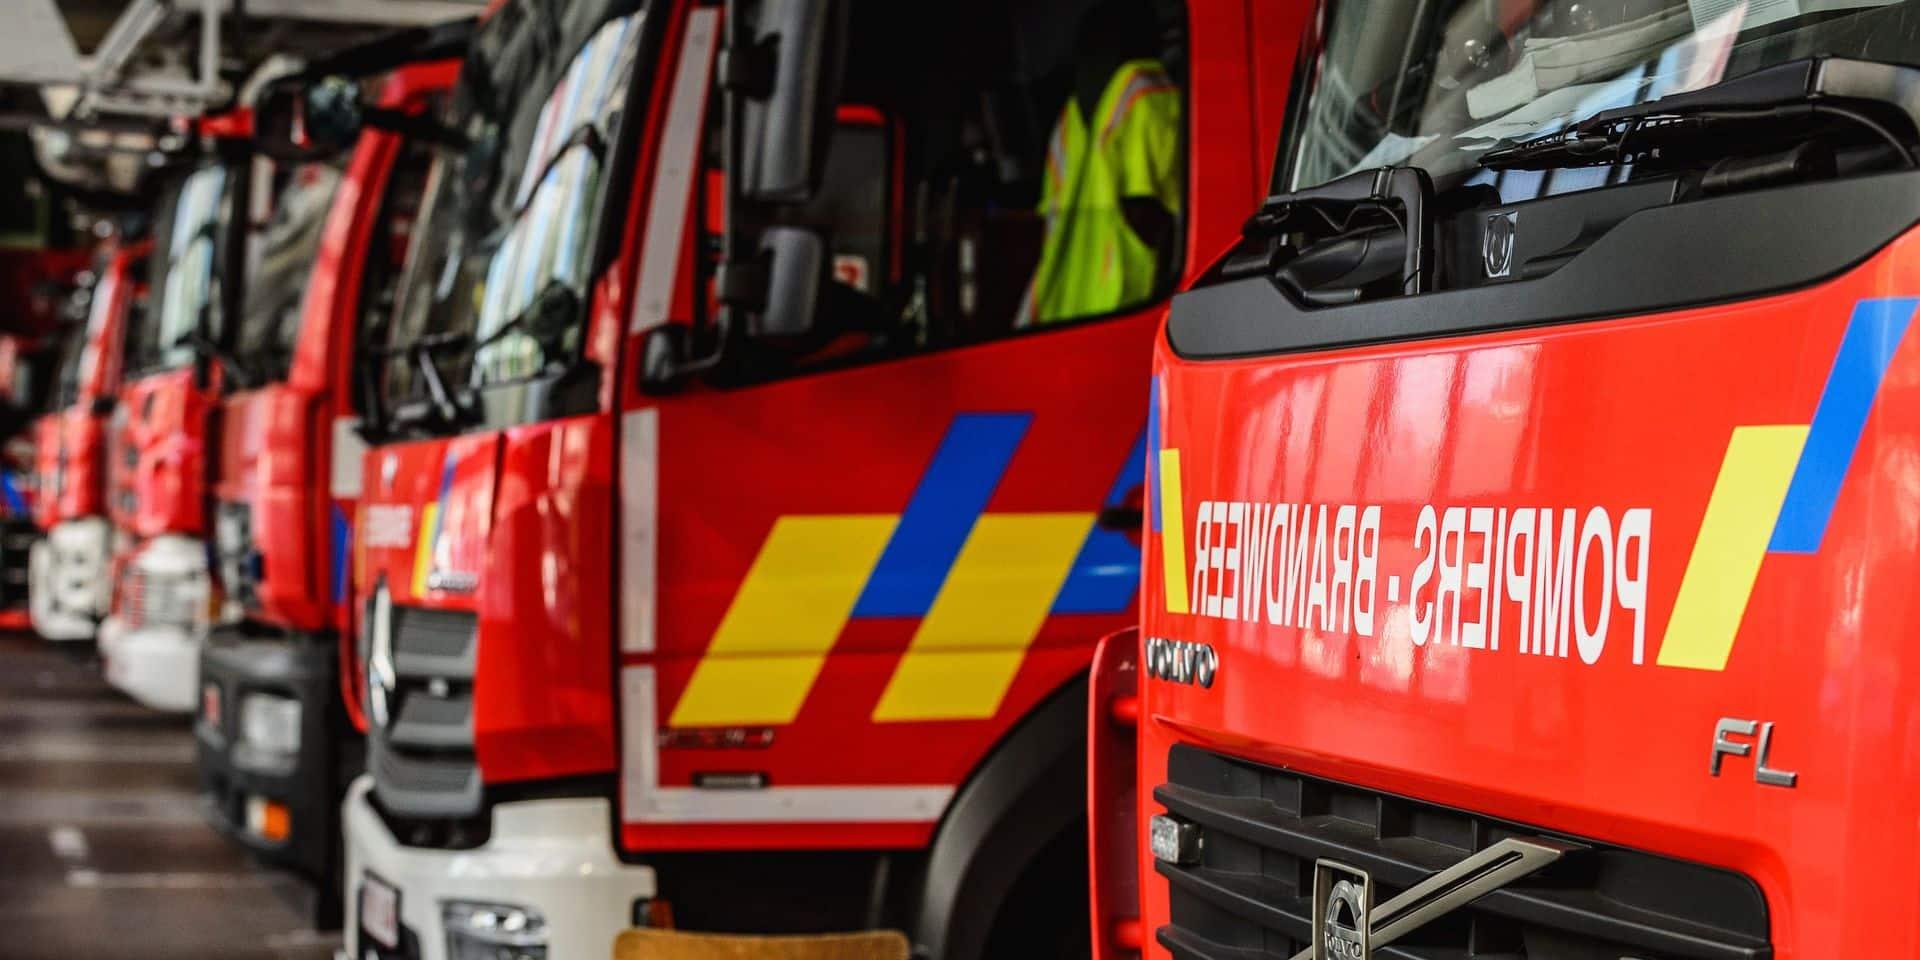 Intempéries: les pompiers mobilisés en Brabant wallon en raison de fortes pluies